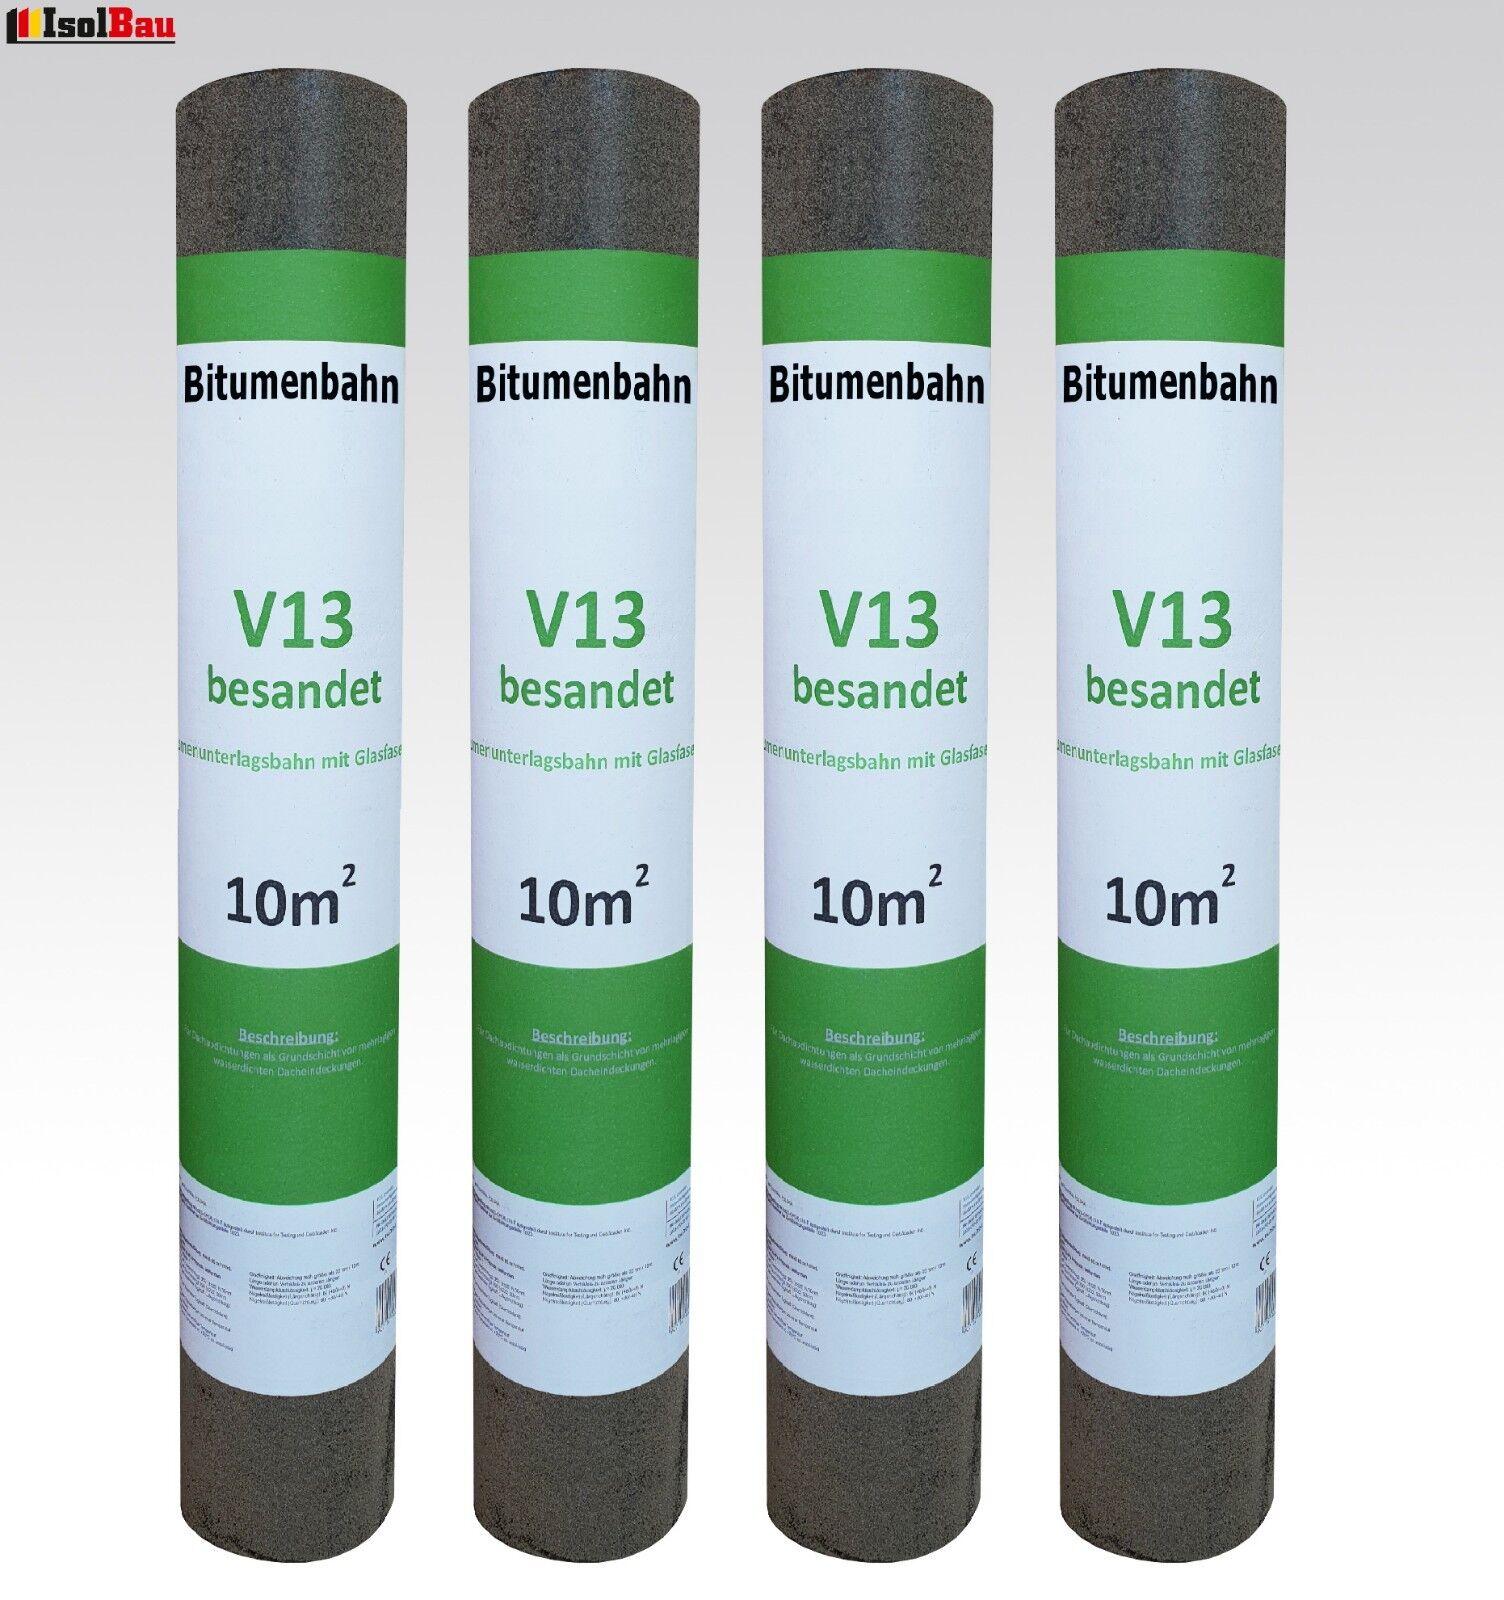 Dachpappe V 13 besandet mit Glasvlieseinlage 40 m²  Bitumen Dachbahn 4 Rollen